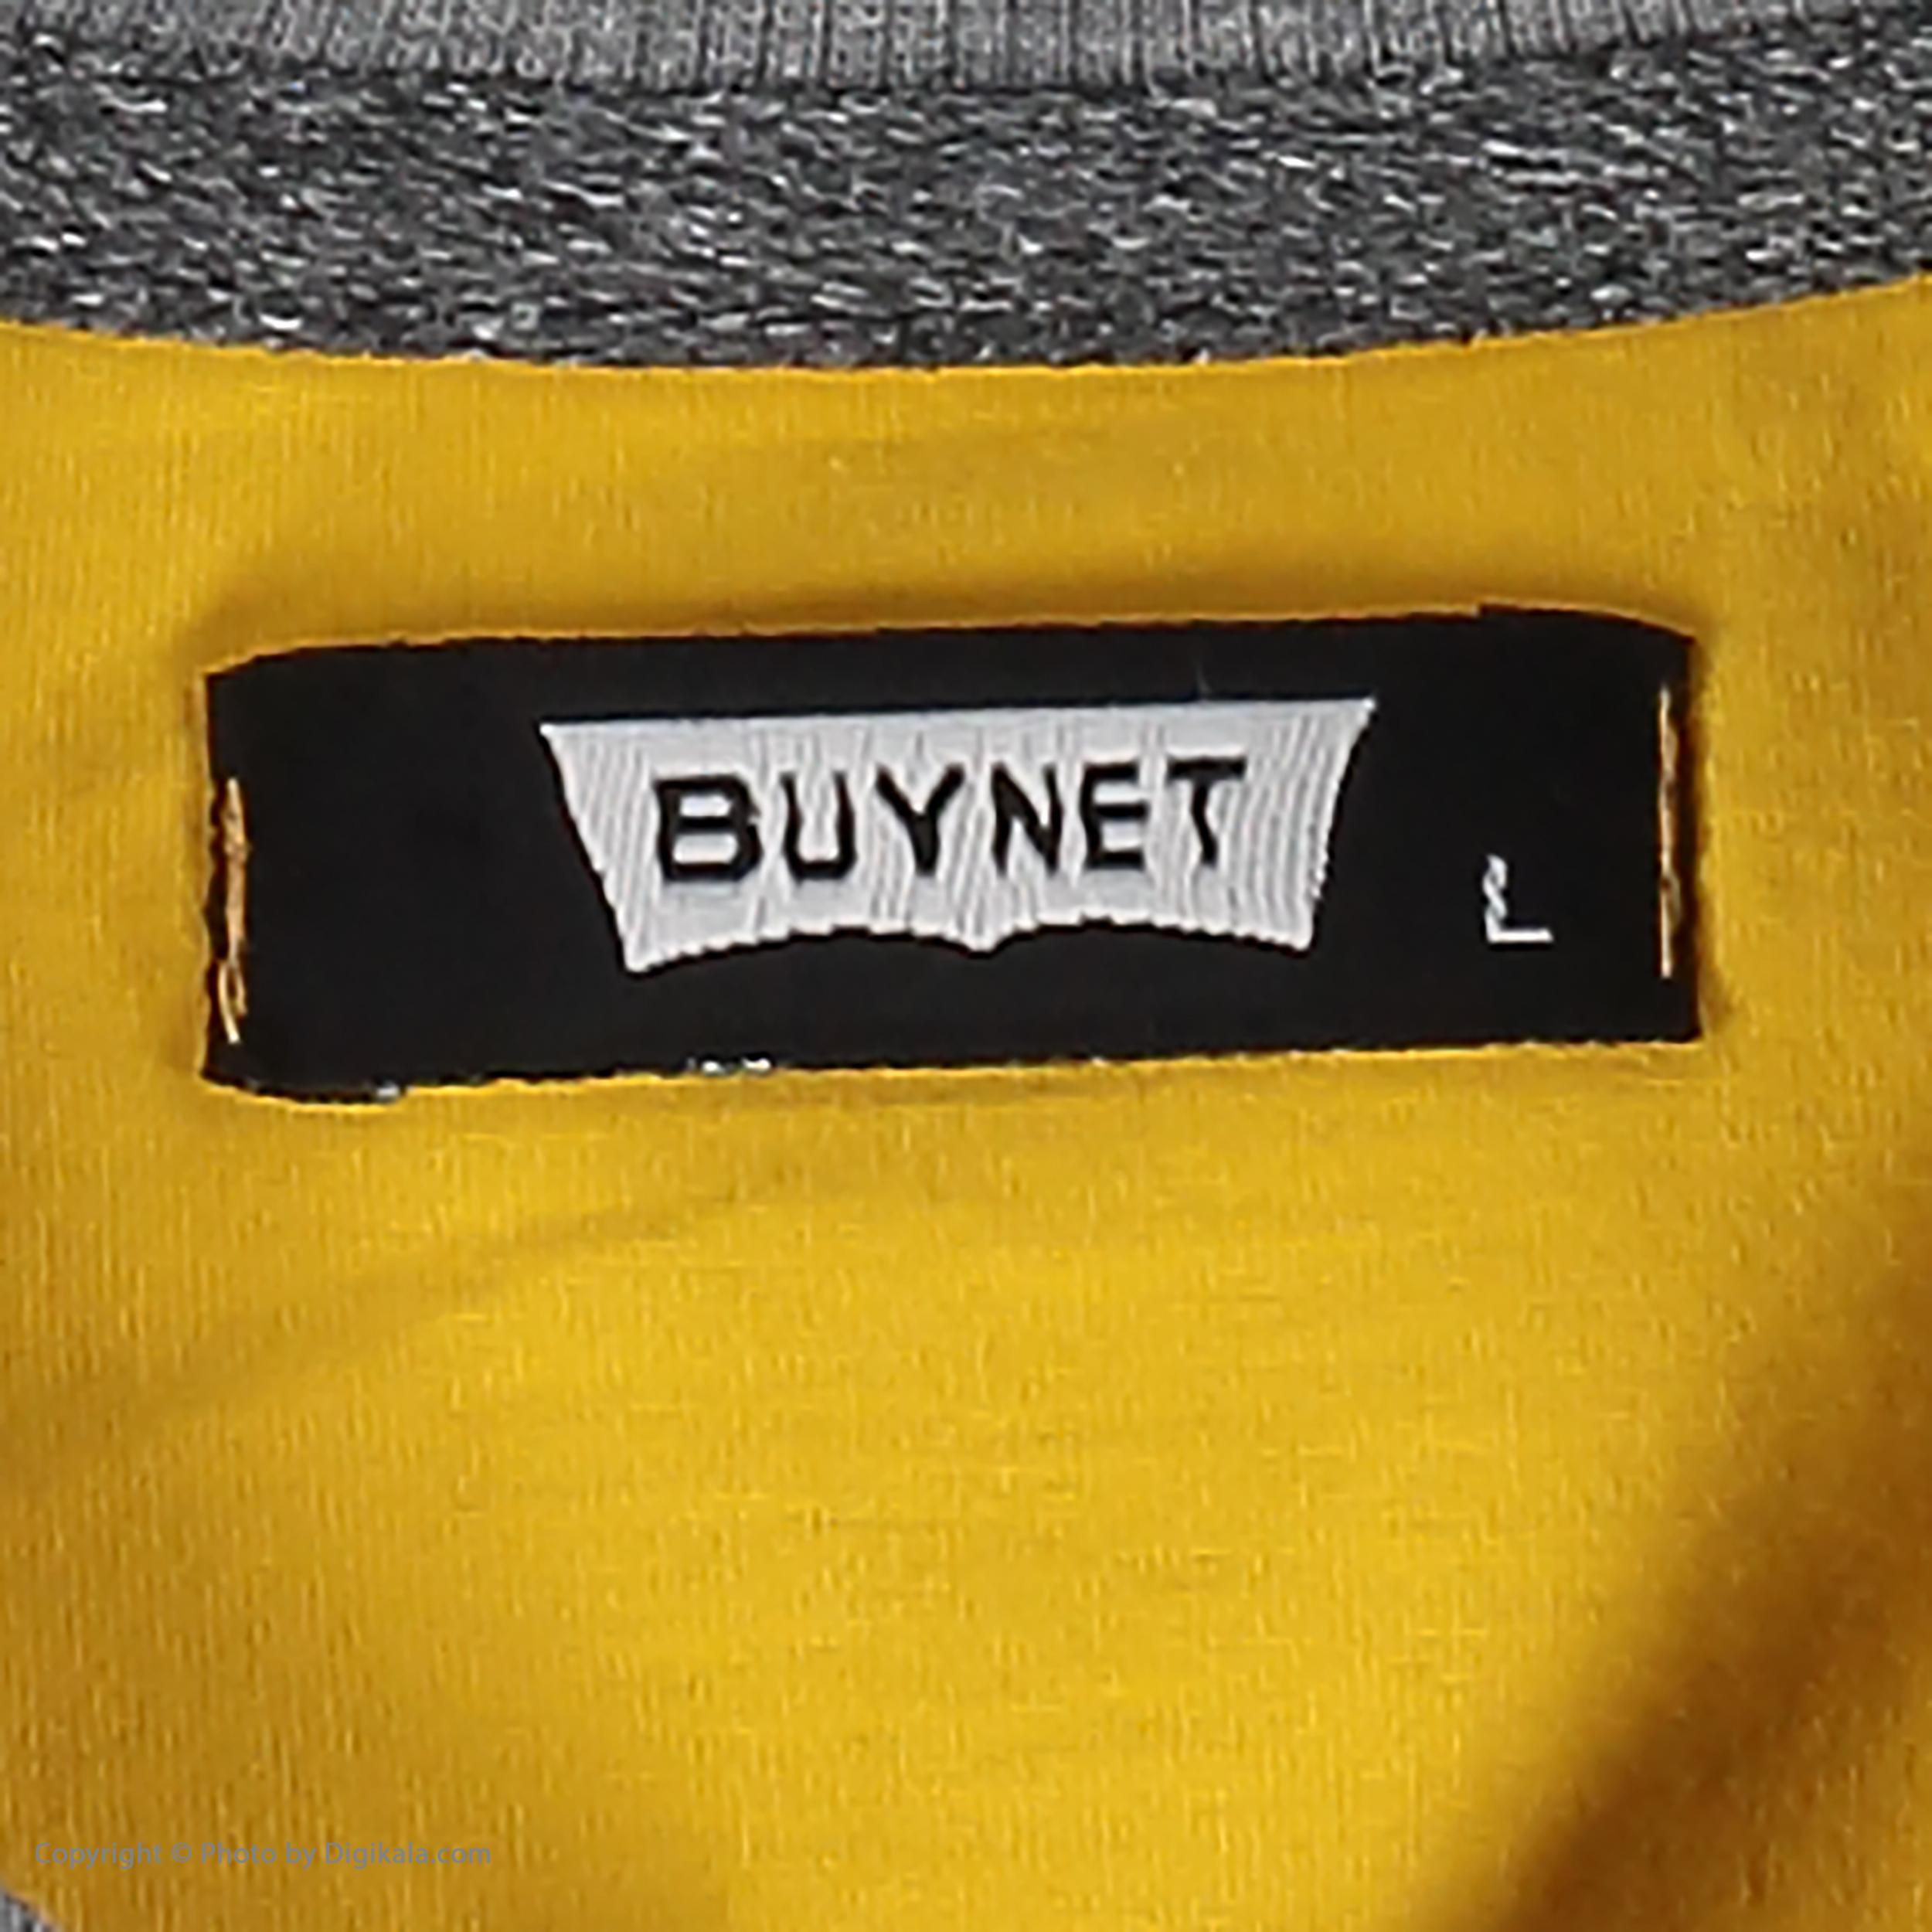 تی شرت آستین کوتاه مردانه بای نت کد 359-4